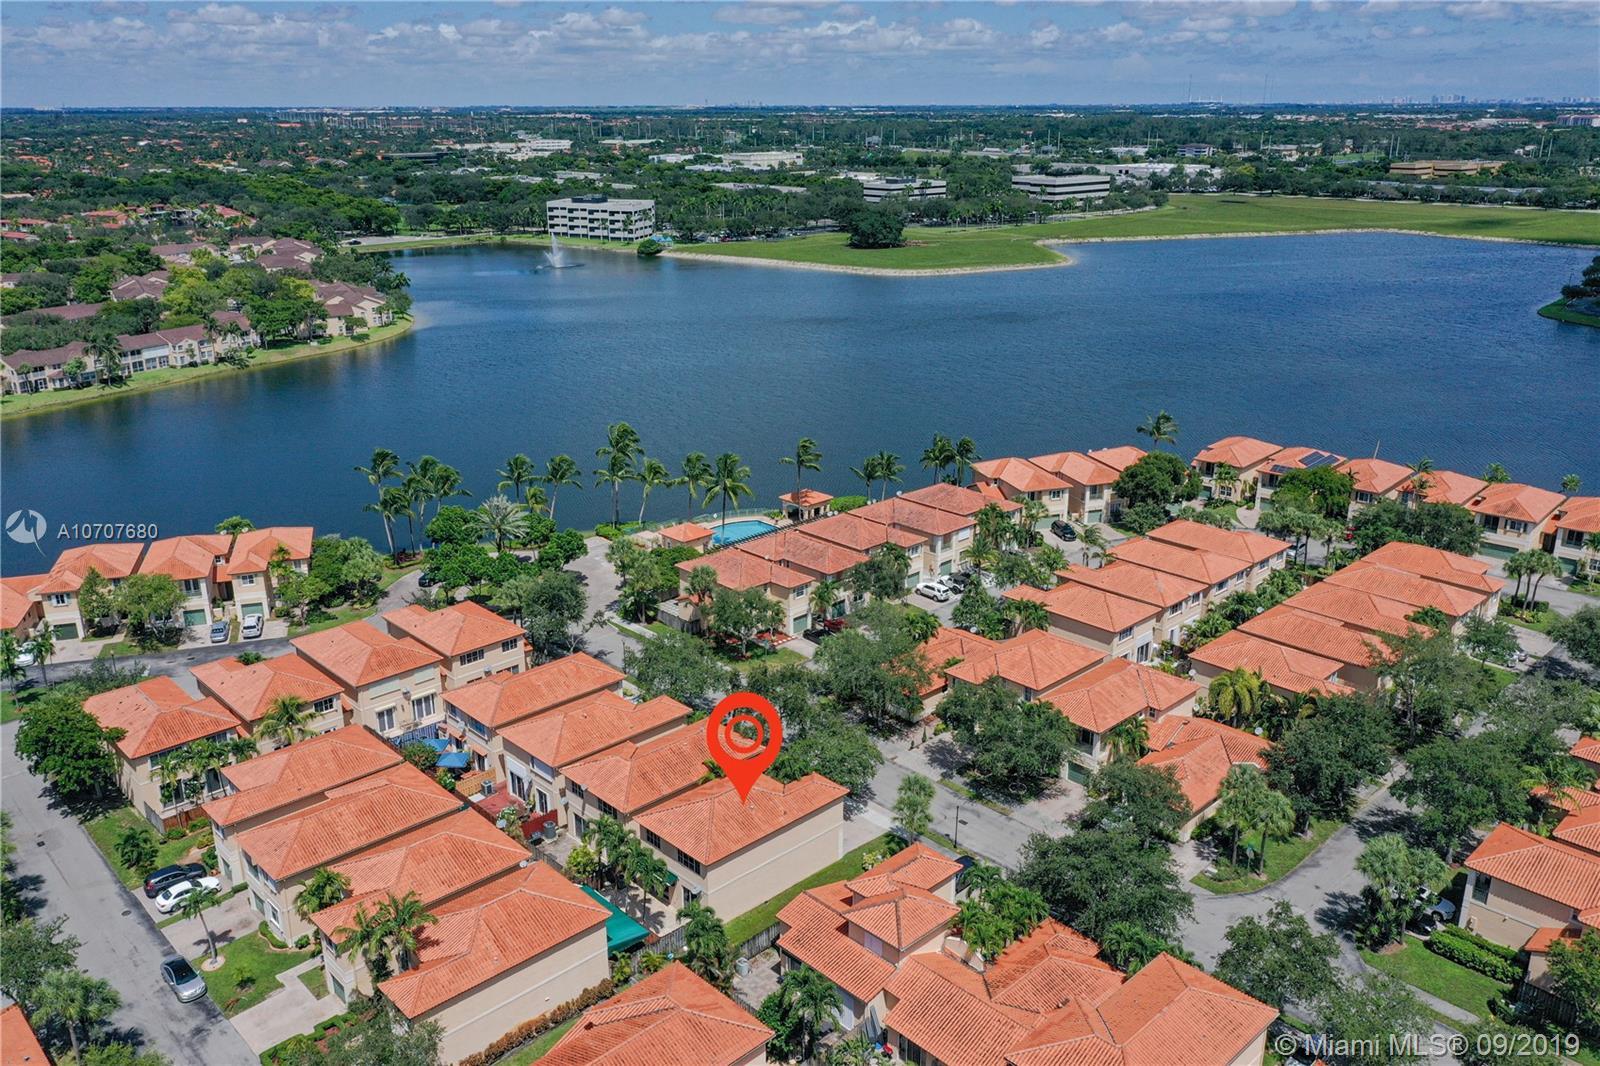 Miami Lakes # - 30 - photo